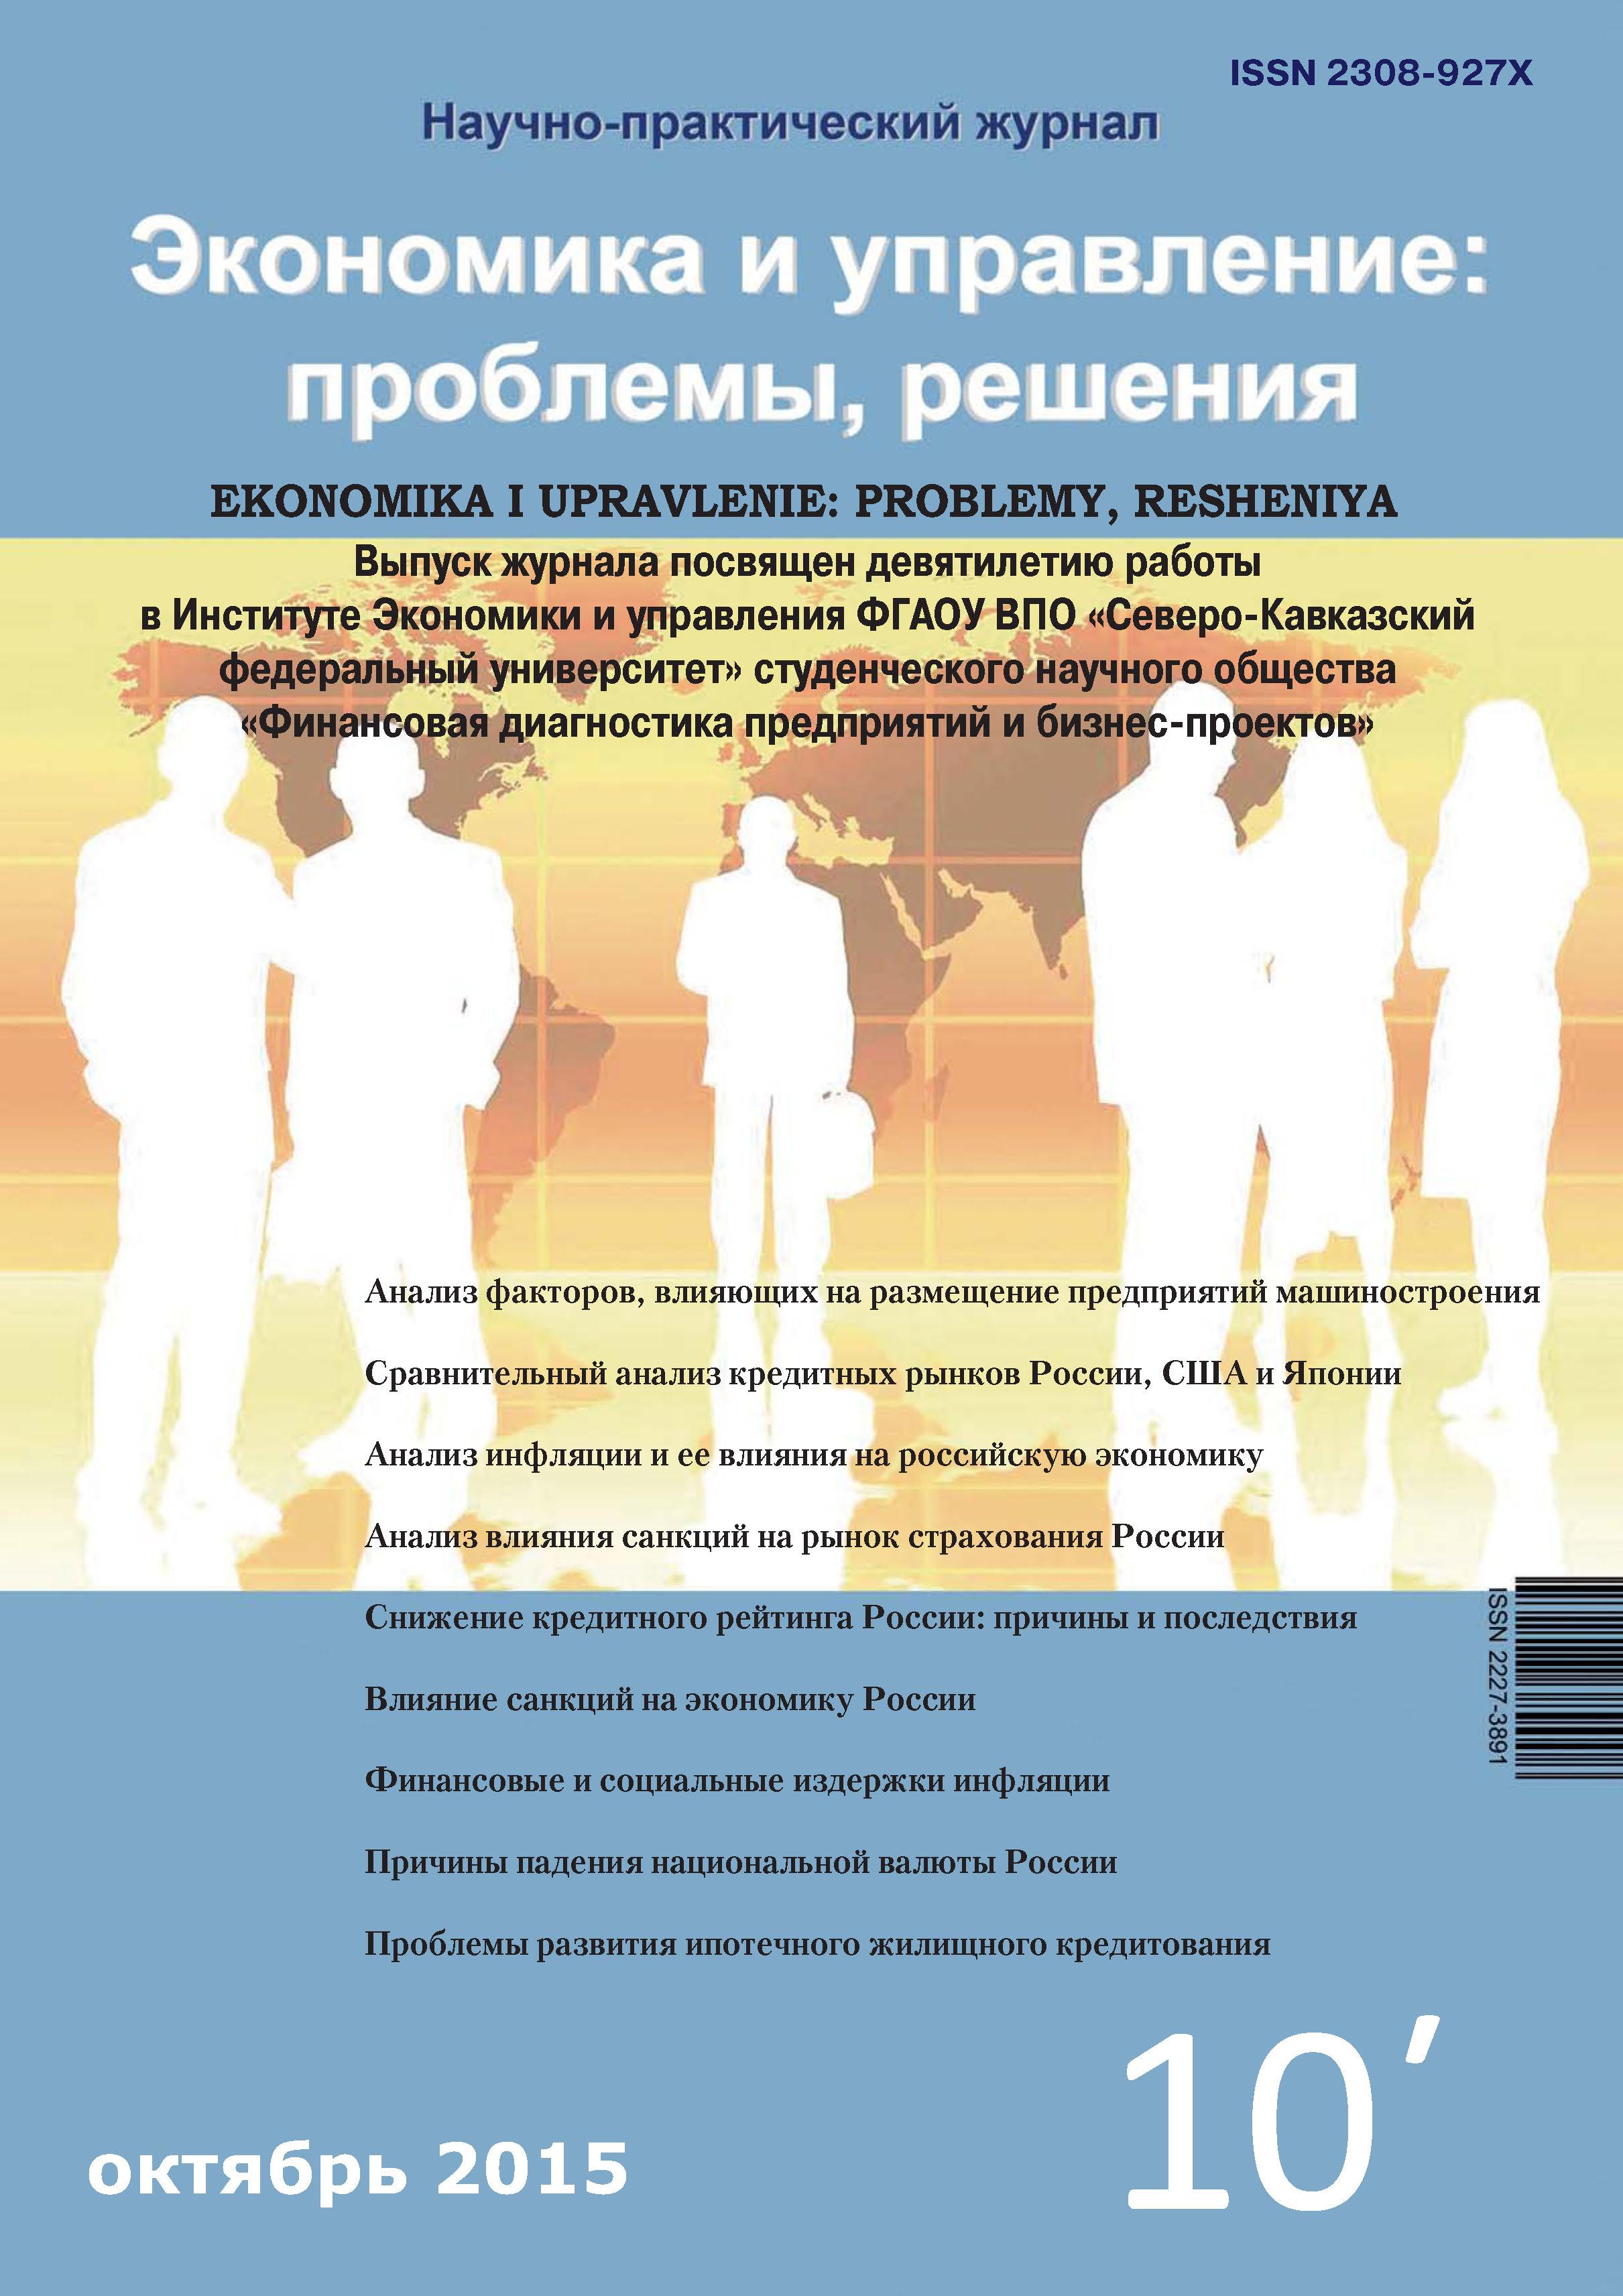 Отсутствует Экономика и управление: проблемы, решения №10/2015